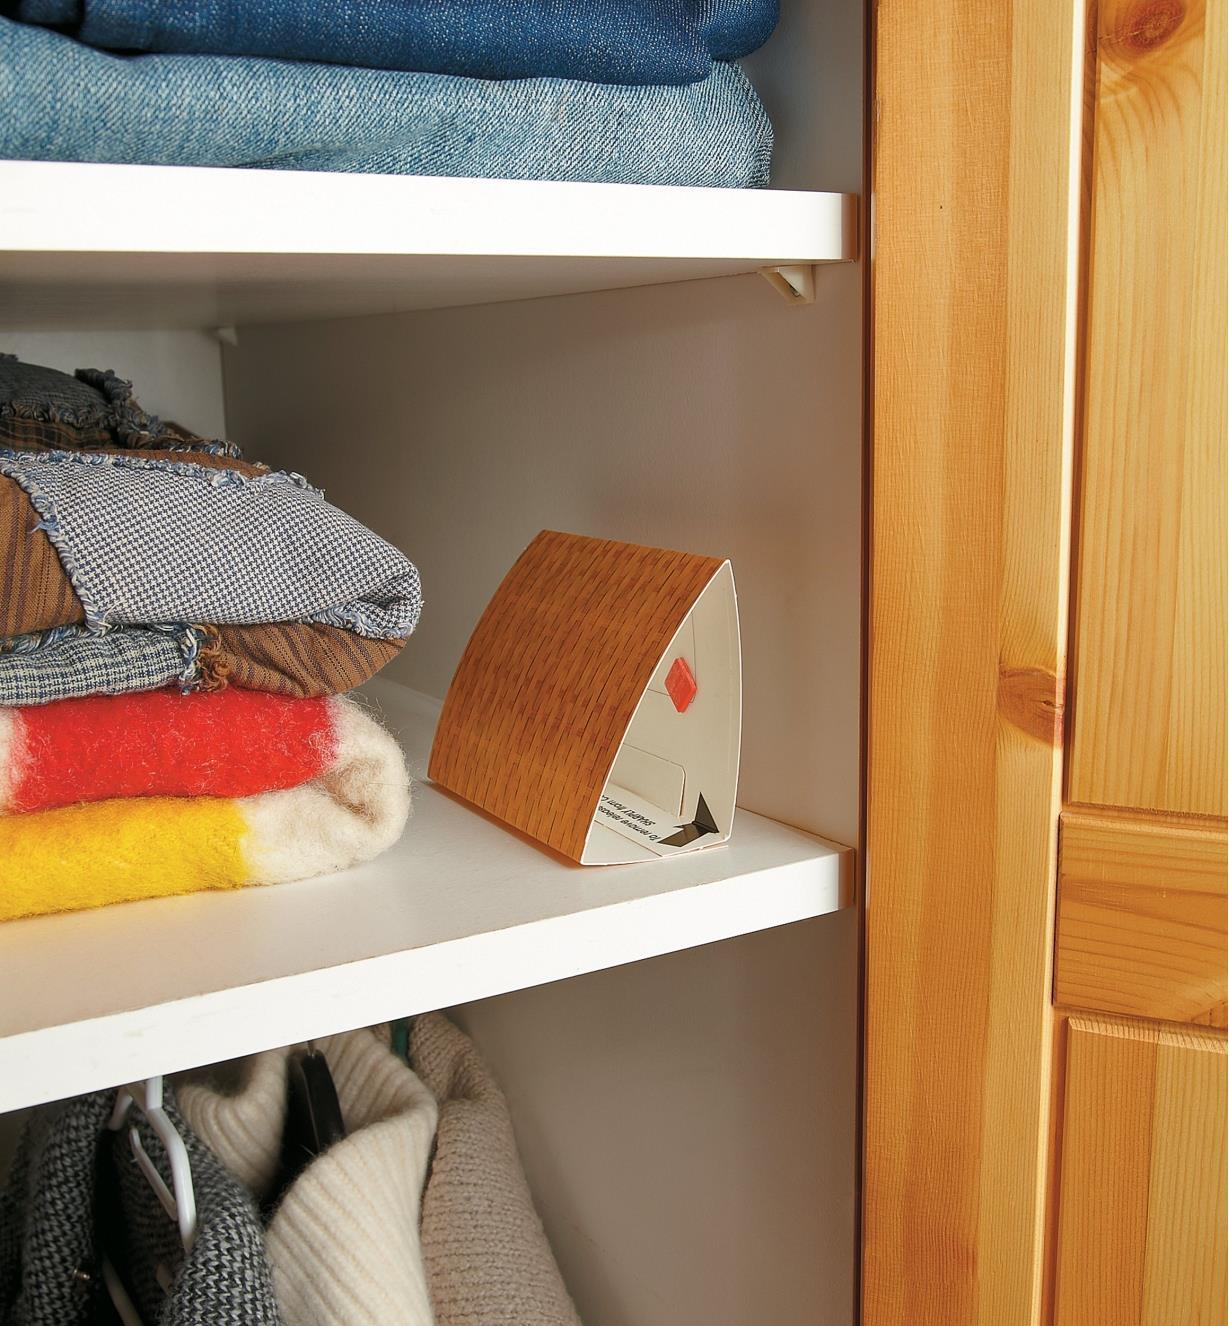 AT217 - Pièges à teignes des vêtements, le paquet de 2